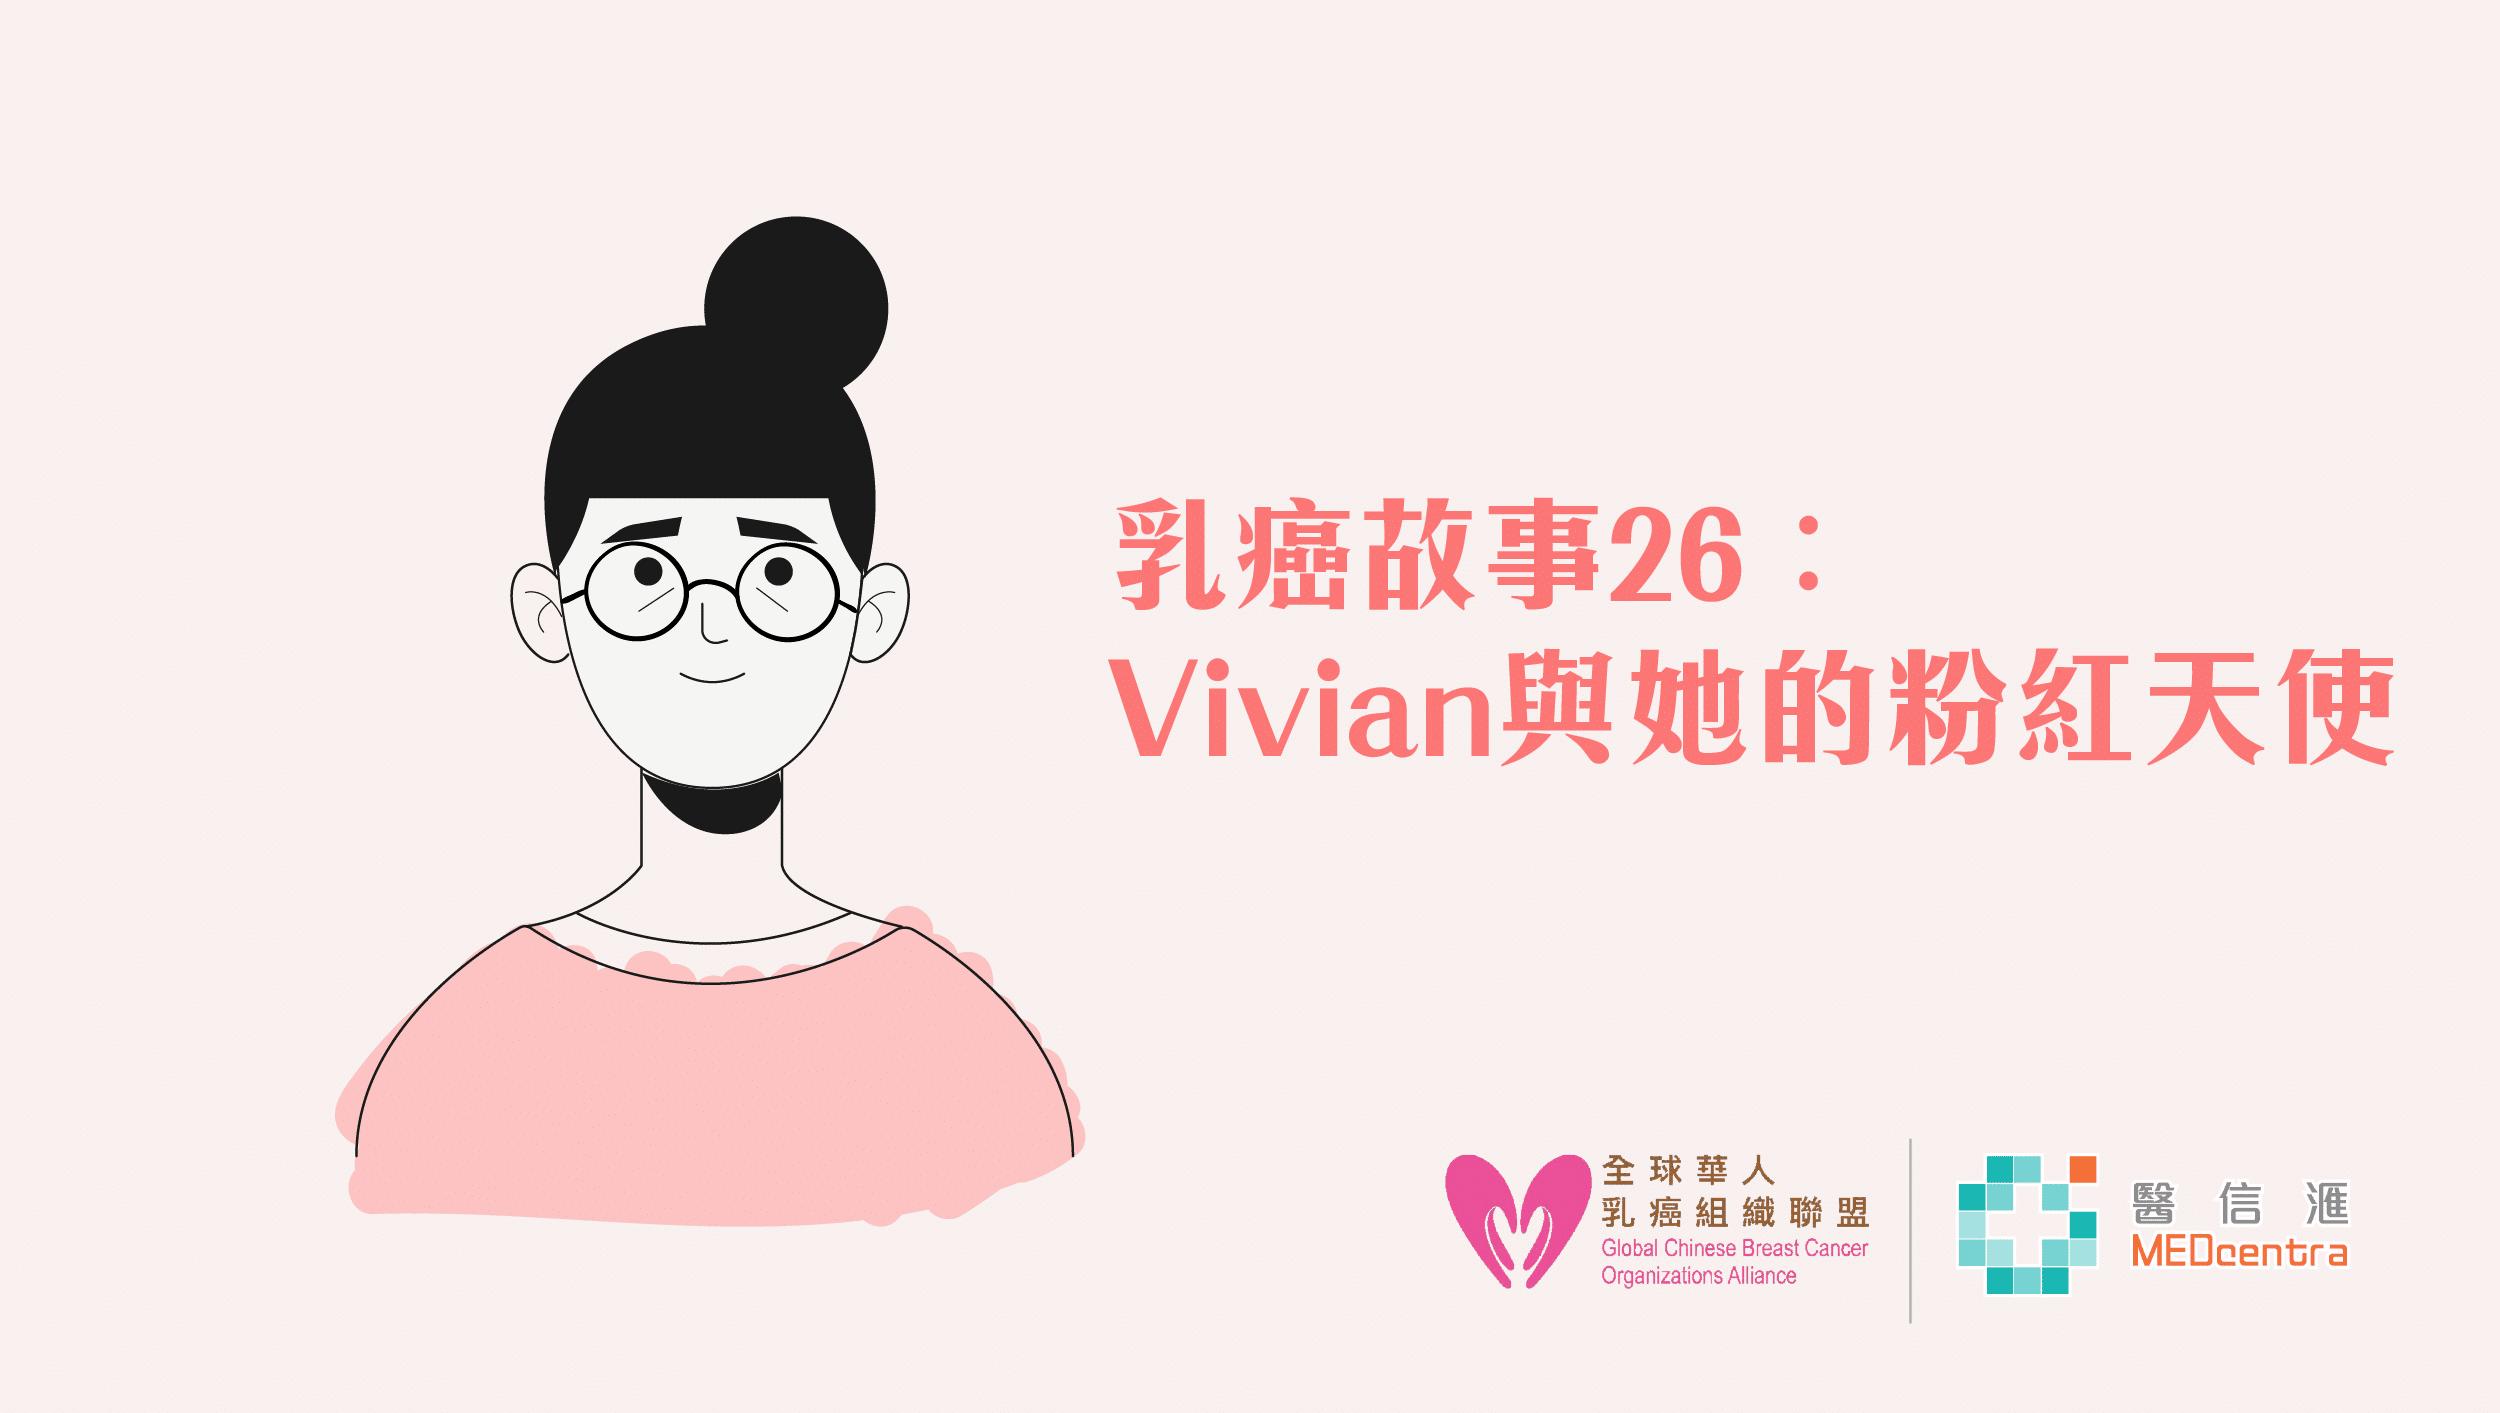 乳癌故事26 – 無懼復發 「旅者」勇往直前